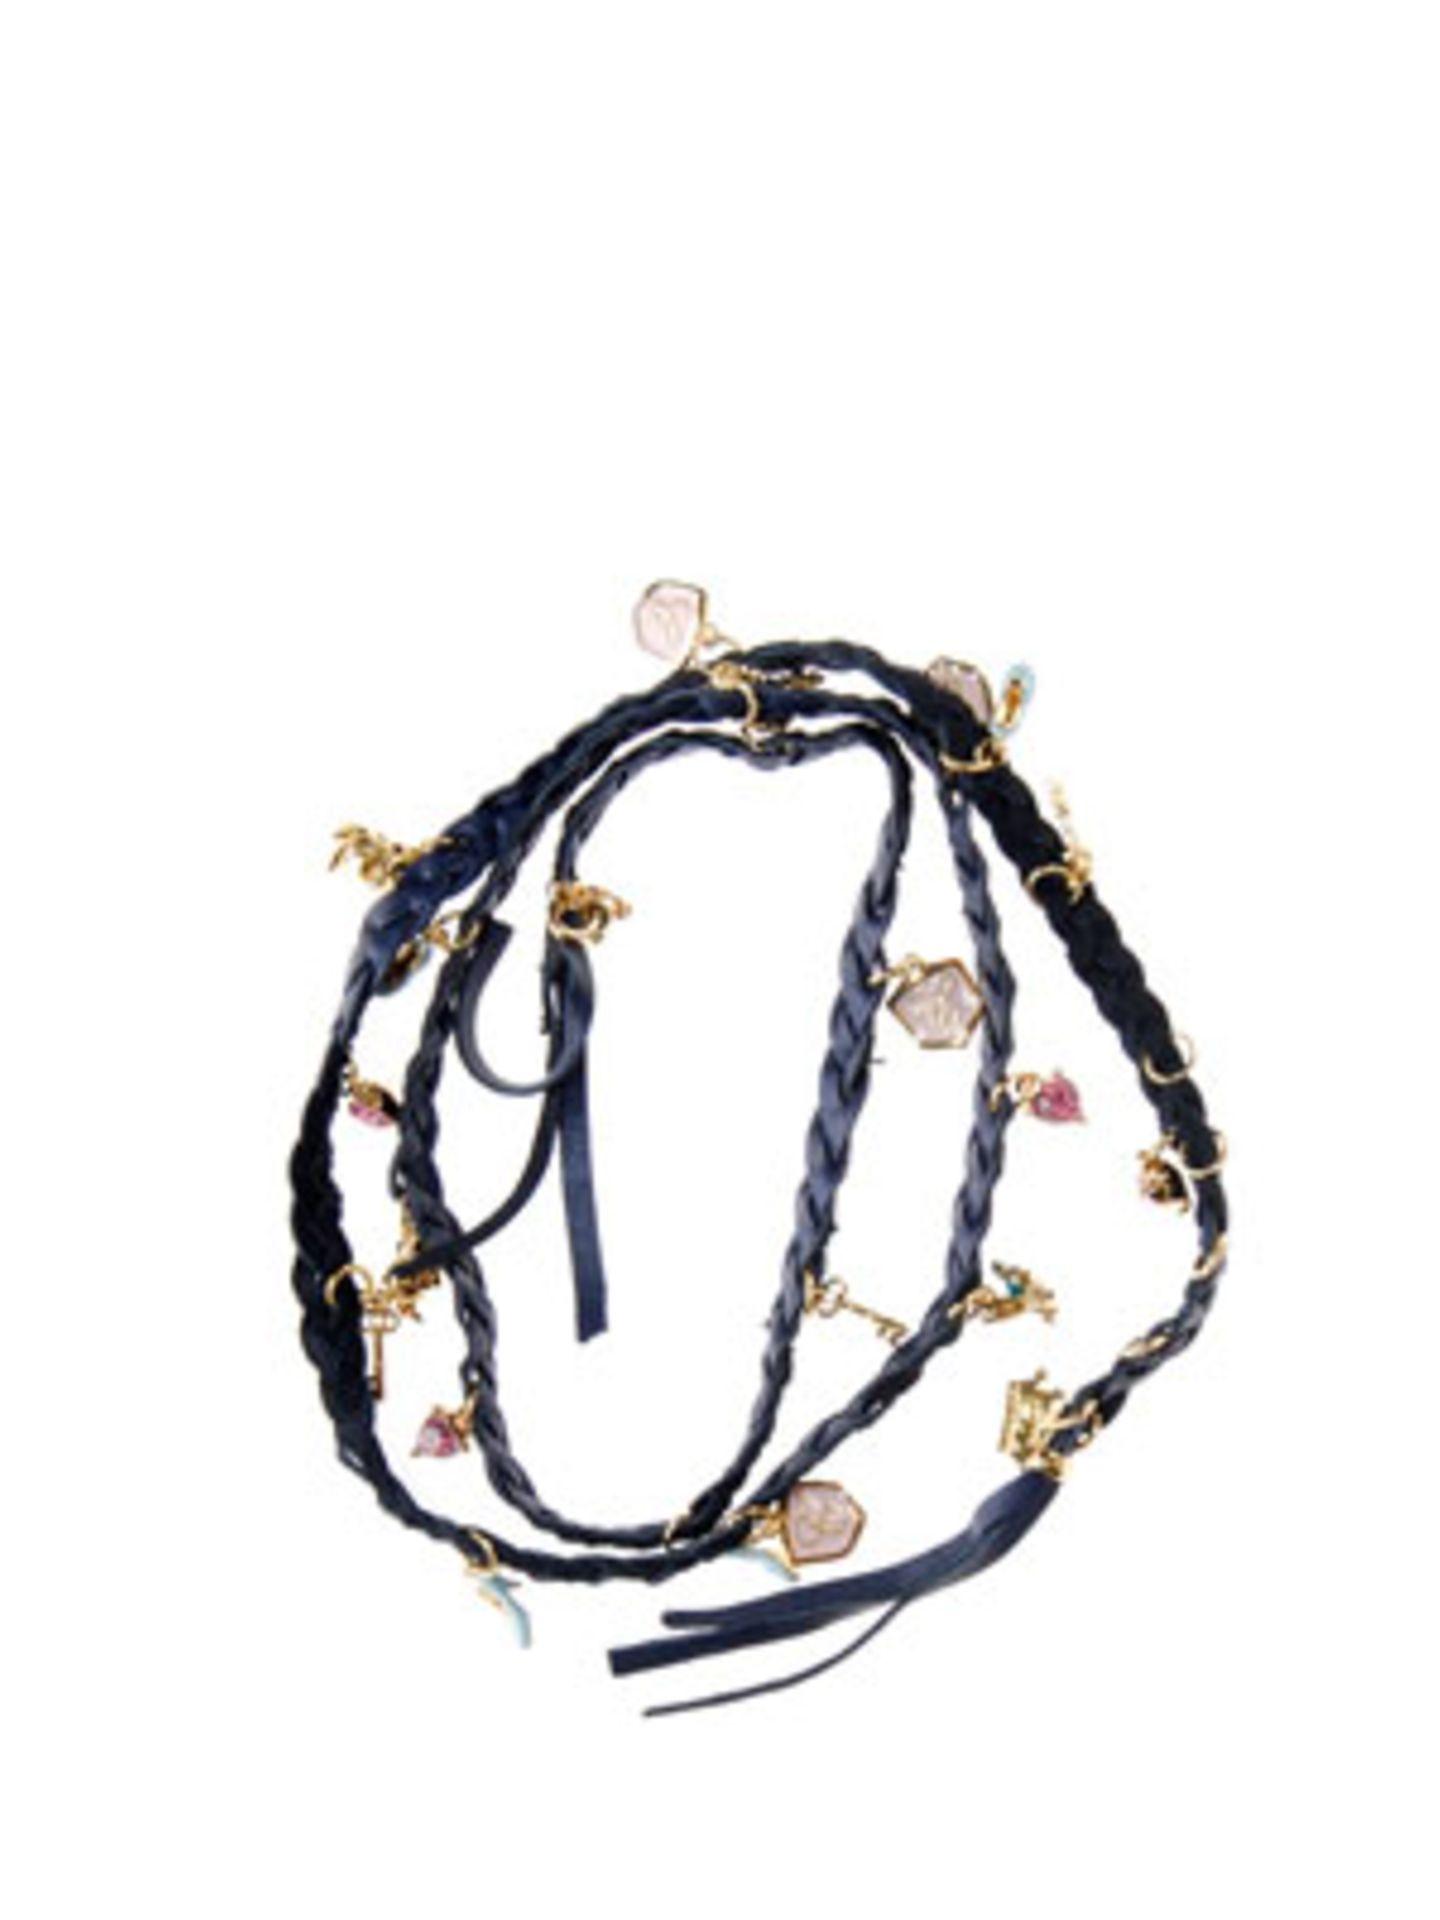 Geflochtenes Wickel-Armband in Schwarz mit vielen kleinen Charms von Disney Couture, um 130 Euro. Über www.jades24.com.